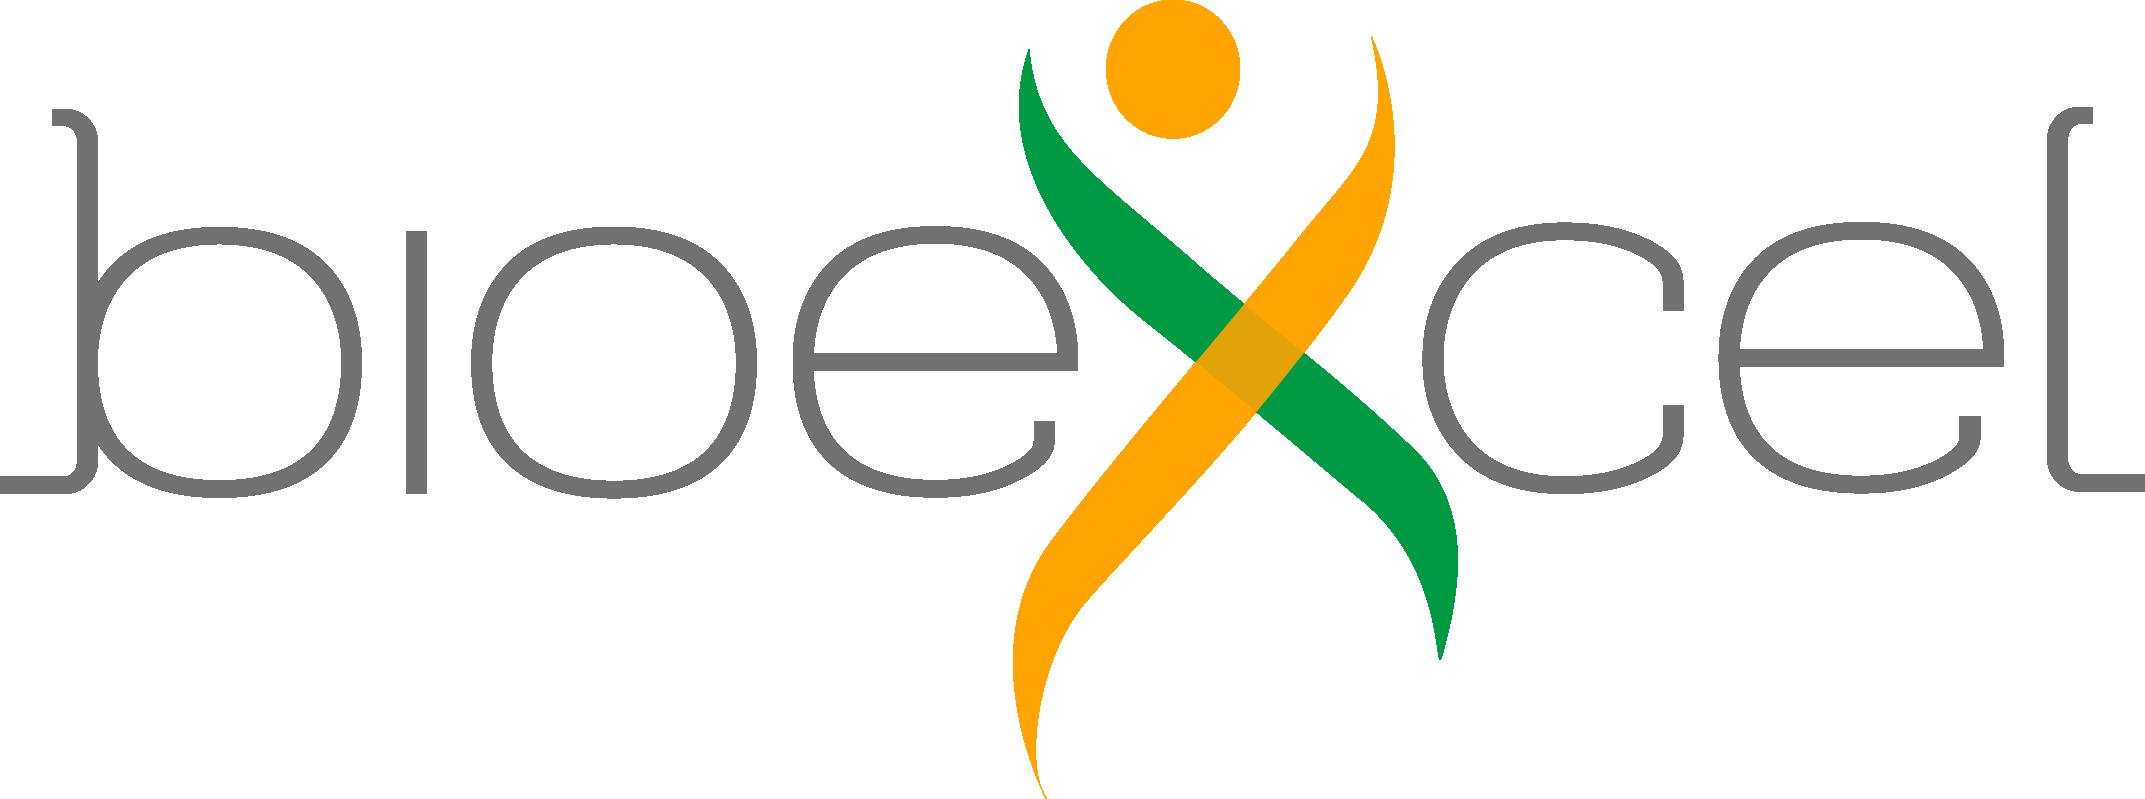 Bioexcel